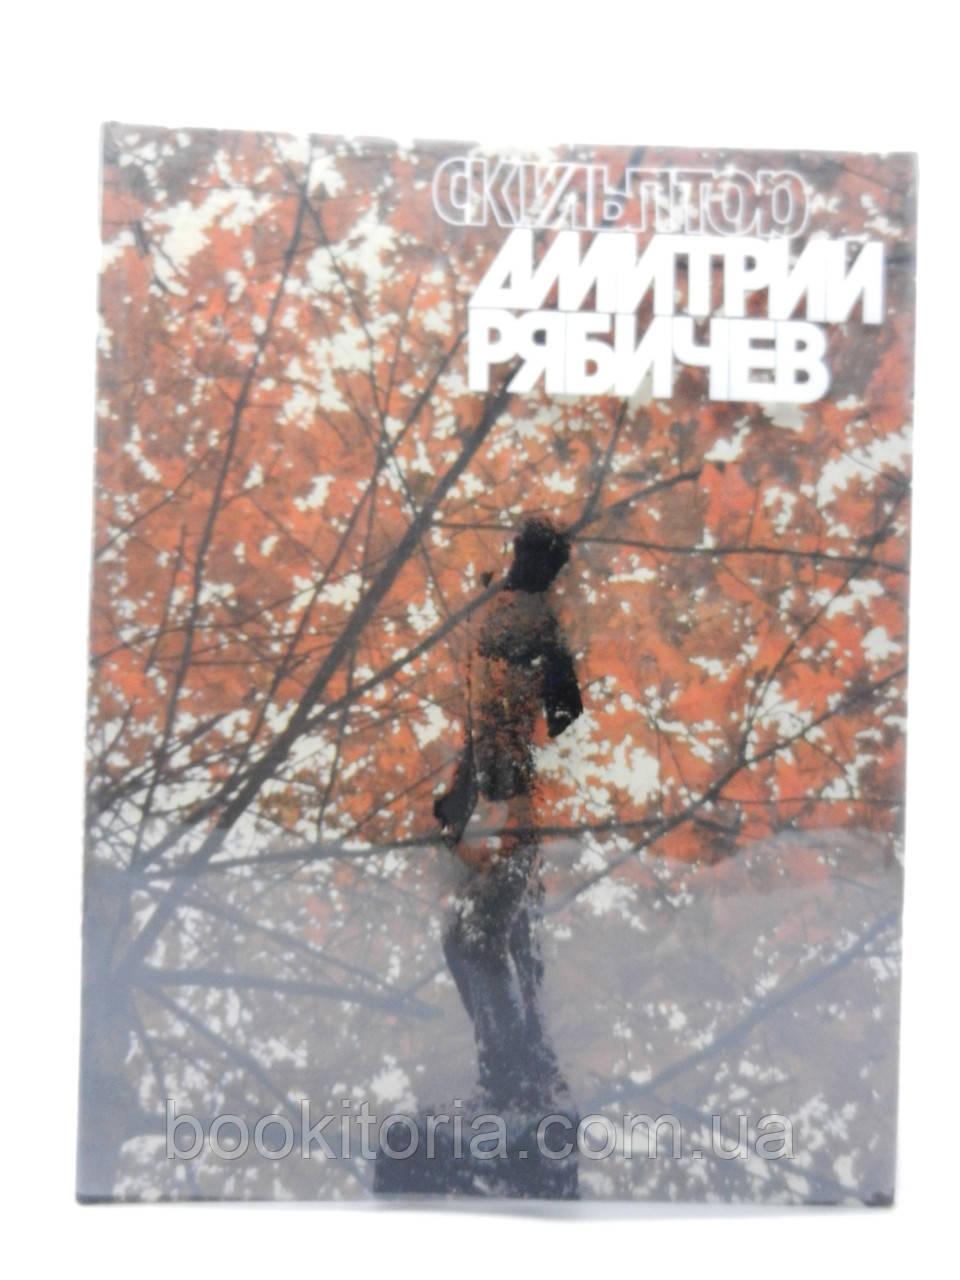 Воронов Н.В. Скульптор Дмитрий Рябичев. Альбом (б/у).